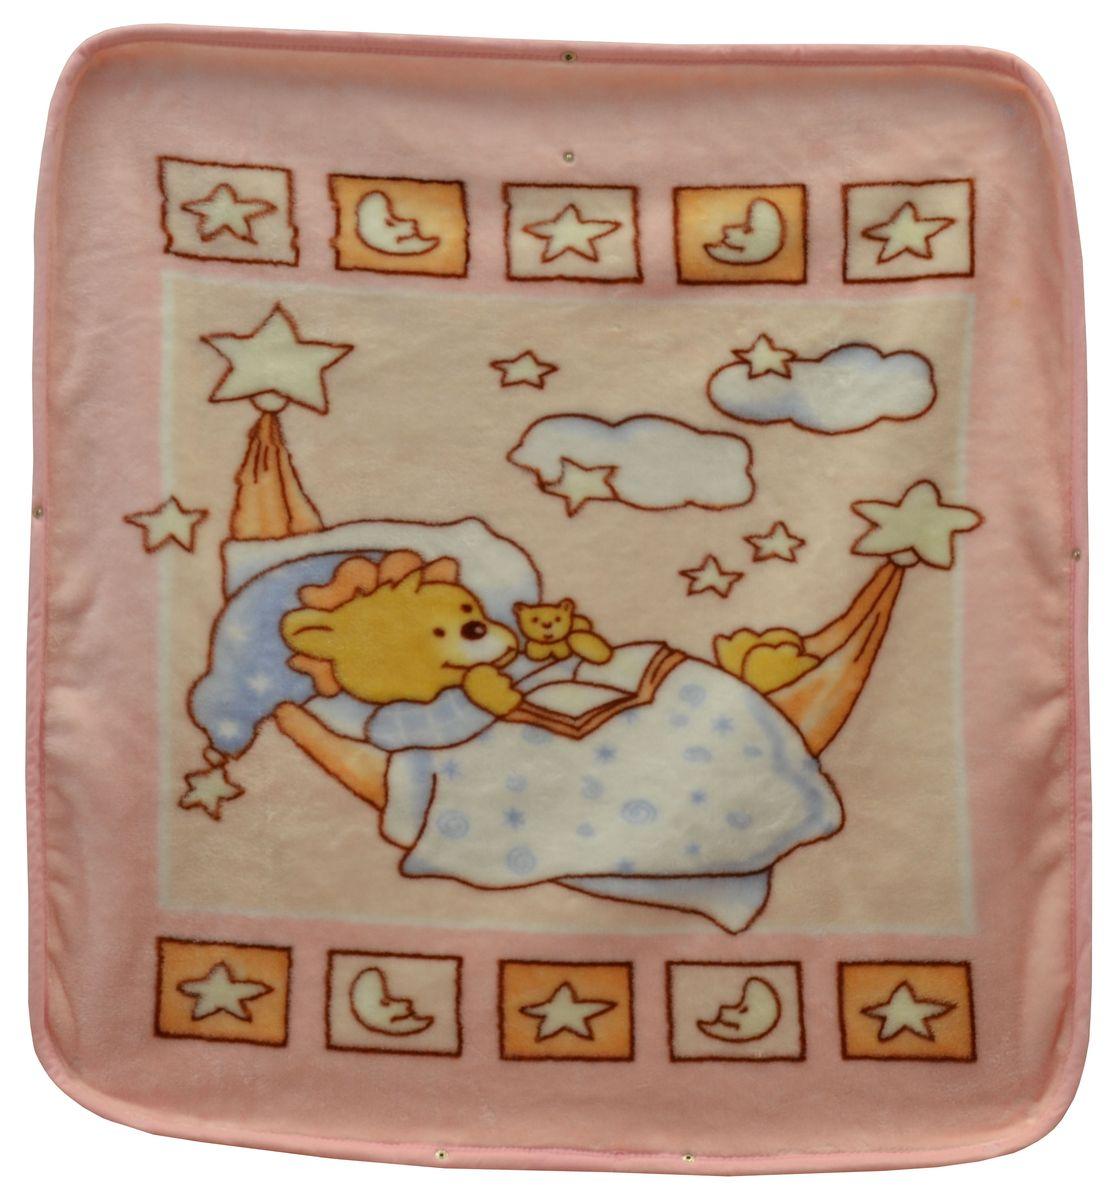 Bonne Fee Плед детский Плед-накидка для младенцев на молнии, 80 х 90 см, розовыйОНДК/300-роз1Защита, тепло и комфорт для малышей - использован надёжный, качественный и мягкий материал! Удобство и спокойствие для родителей обеспечивается универсальностью пледа-накидки, конструкция которого позволяет ему легко превращаться в конвертик. Отличное качество и практичность! Любите своего ребёнка и дарите ему лучшее!